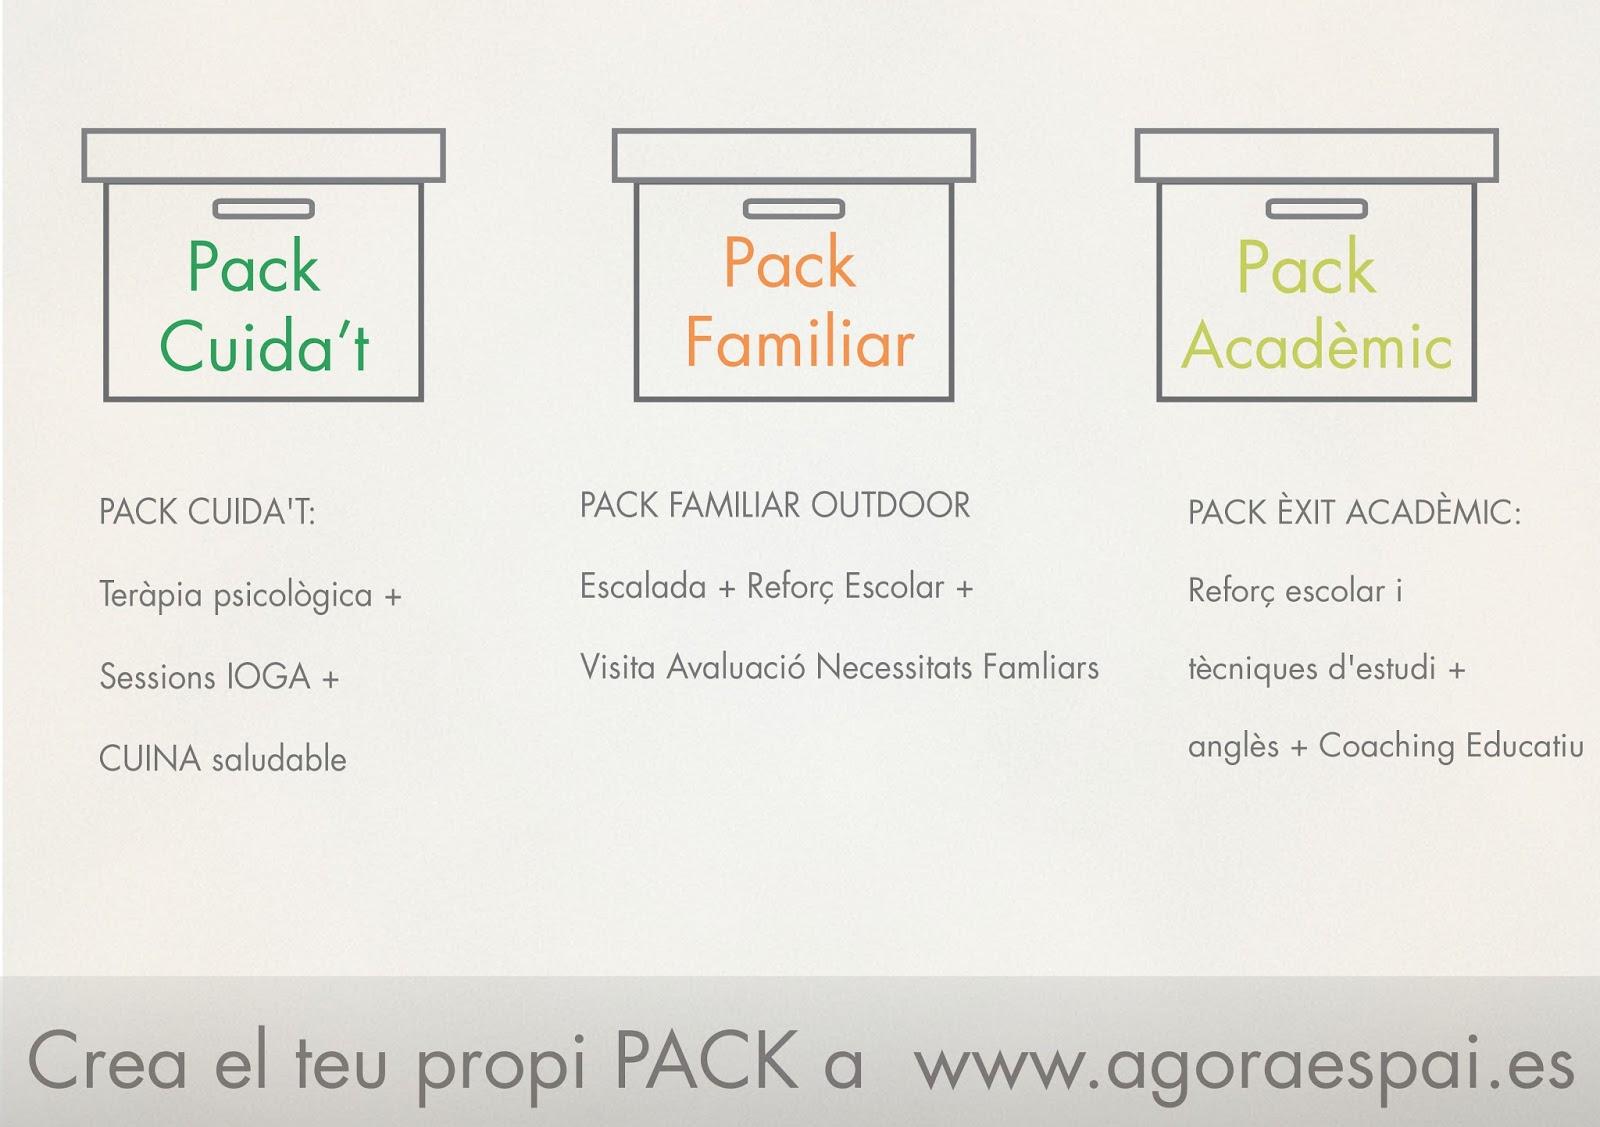 Packs 2